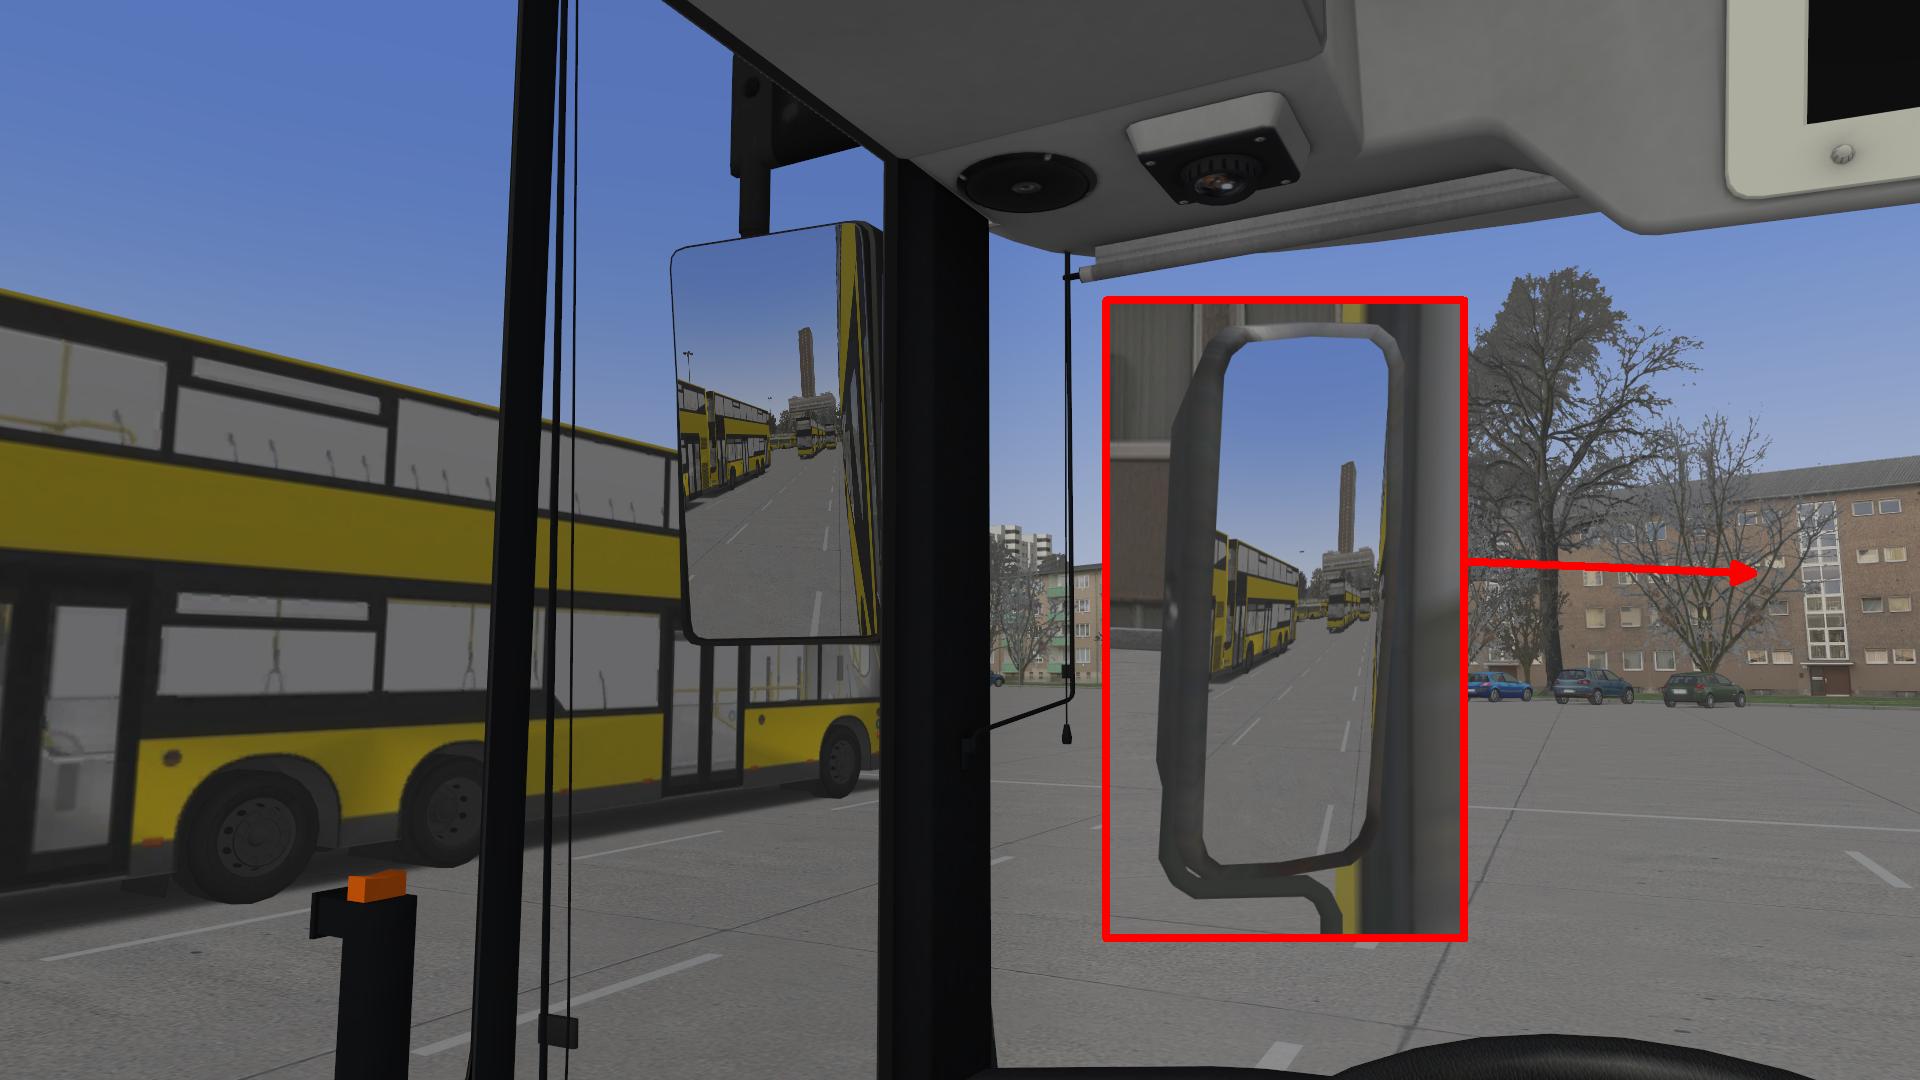 X10 - Wie kann man die Spiegel der geparkten MAN-Busse in der ...